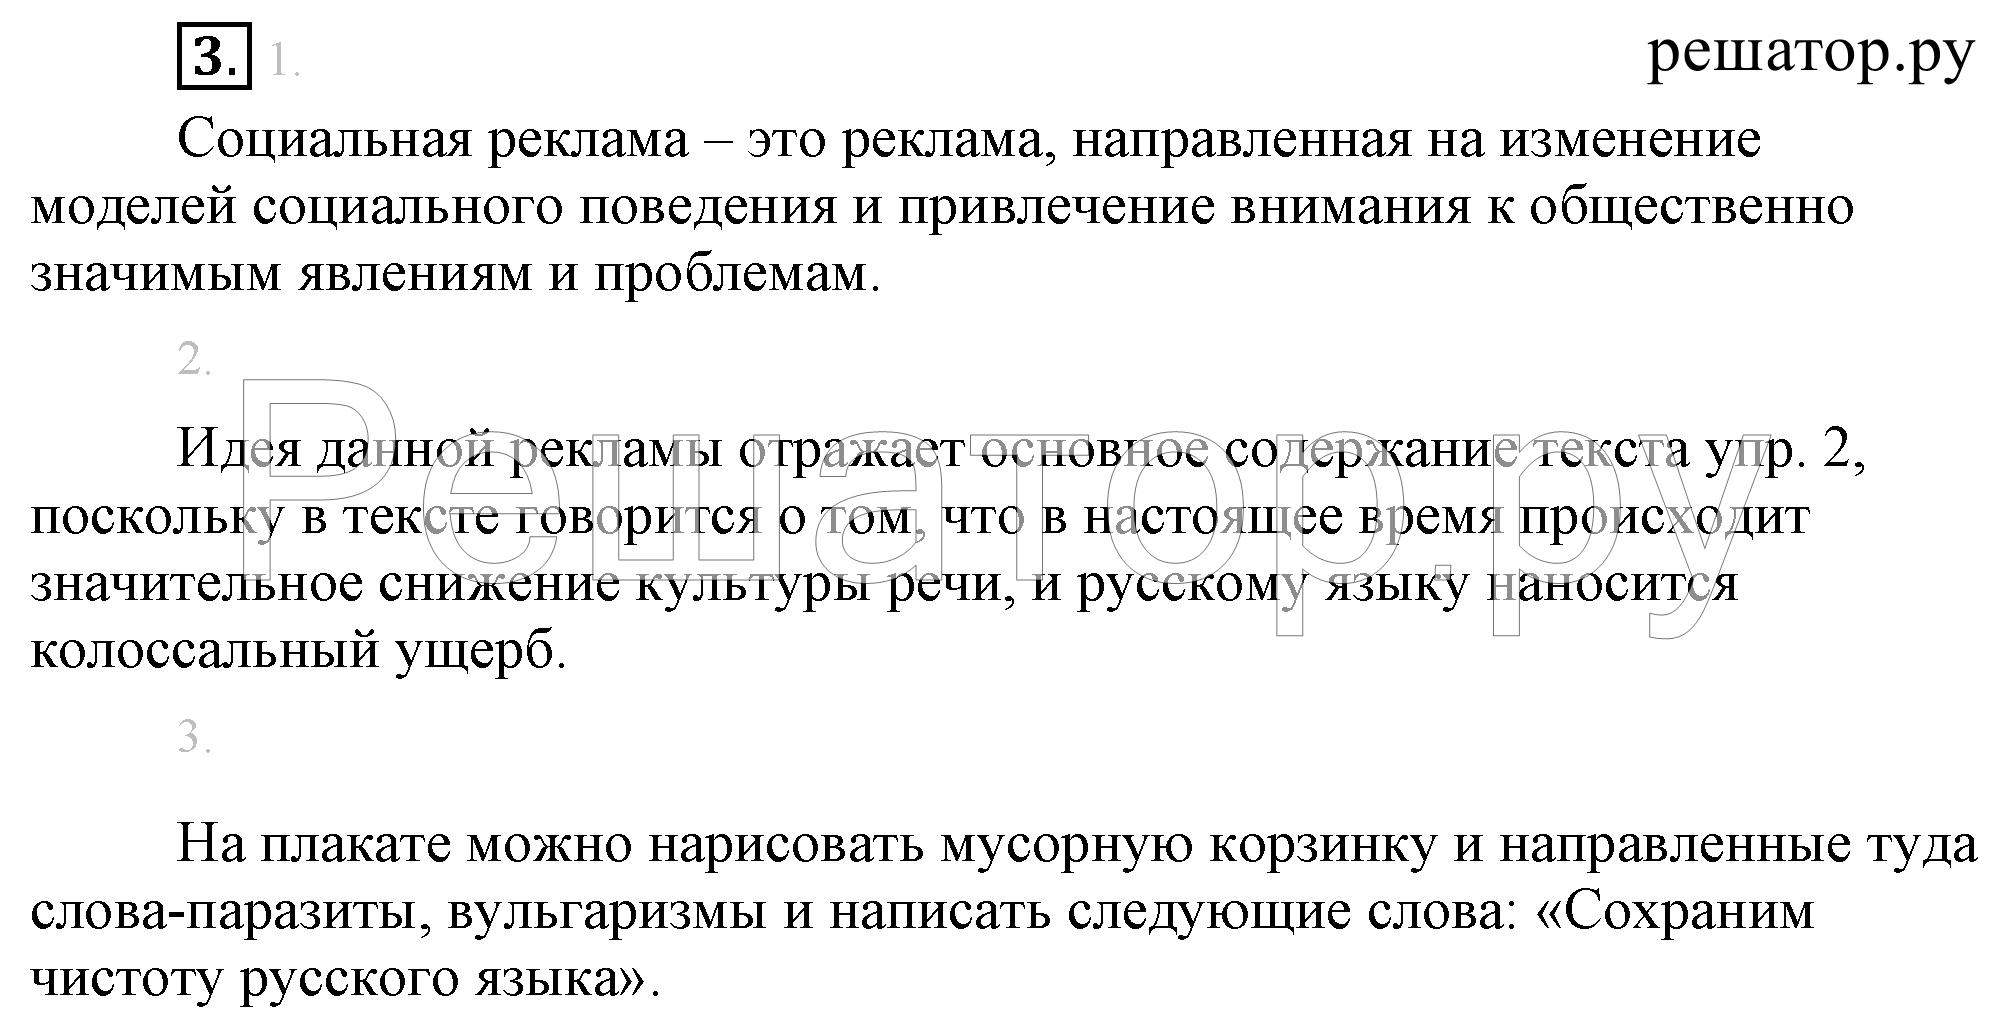 Гдз по русскому языку львова и львовой 8 класс онлайн